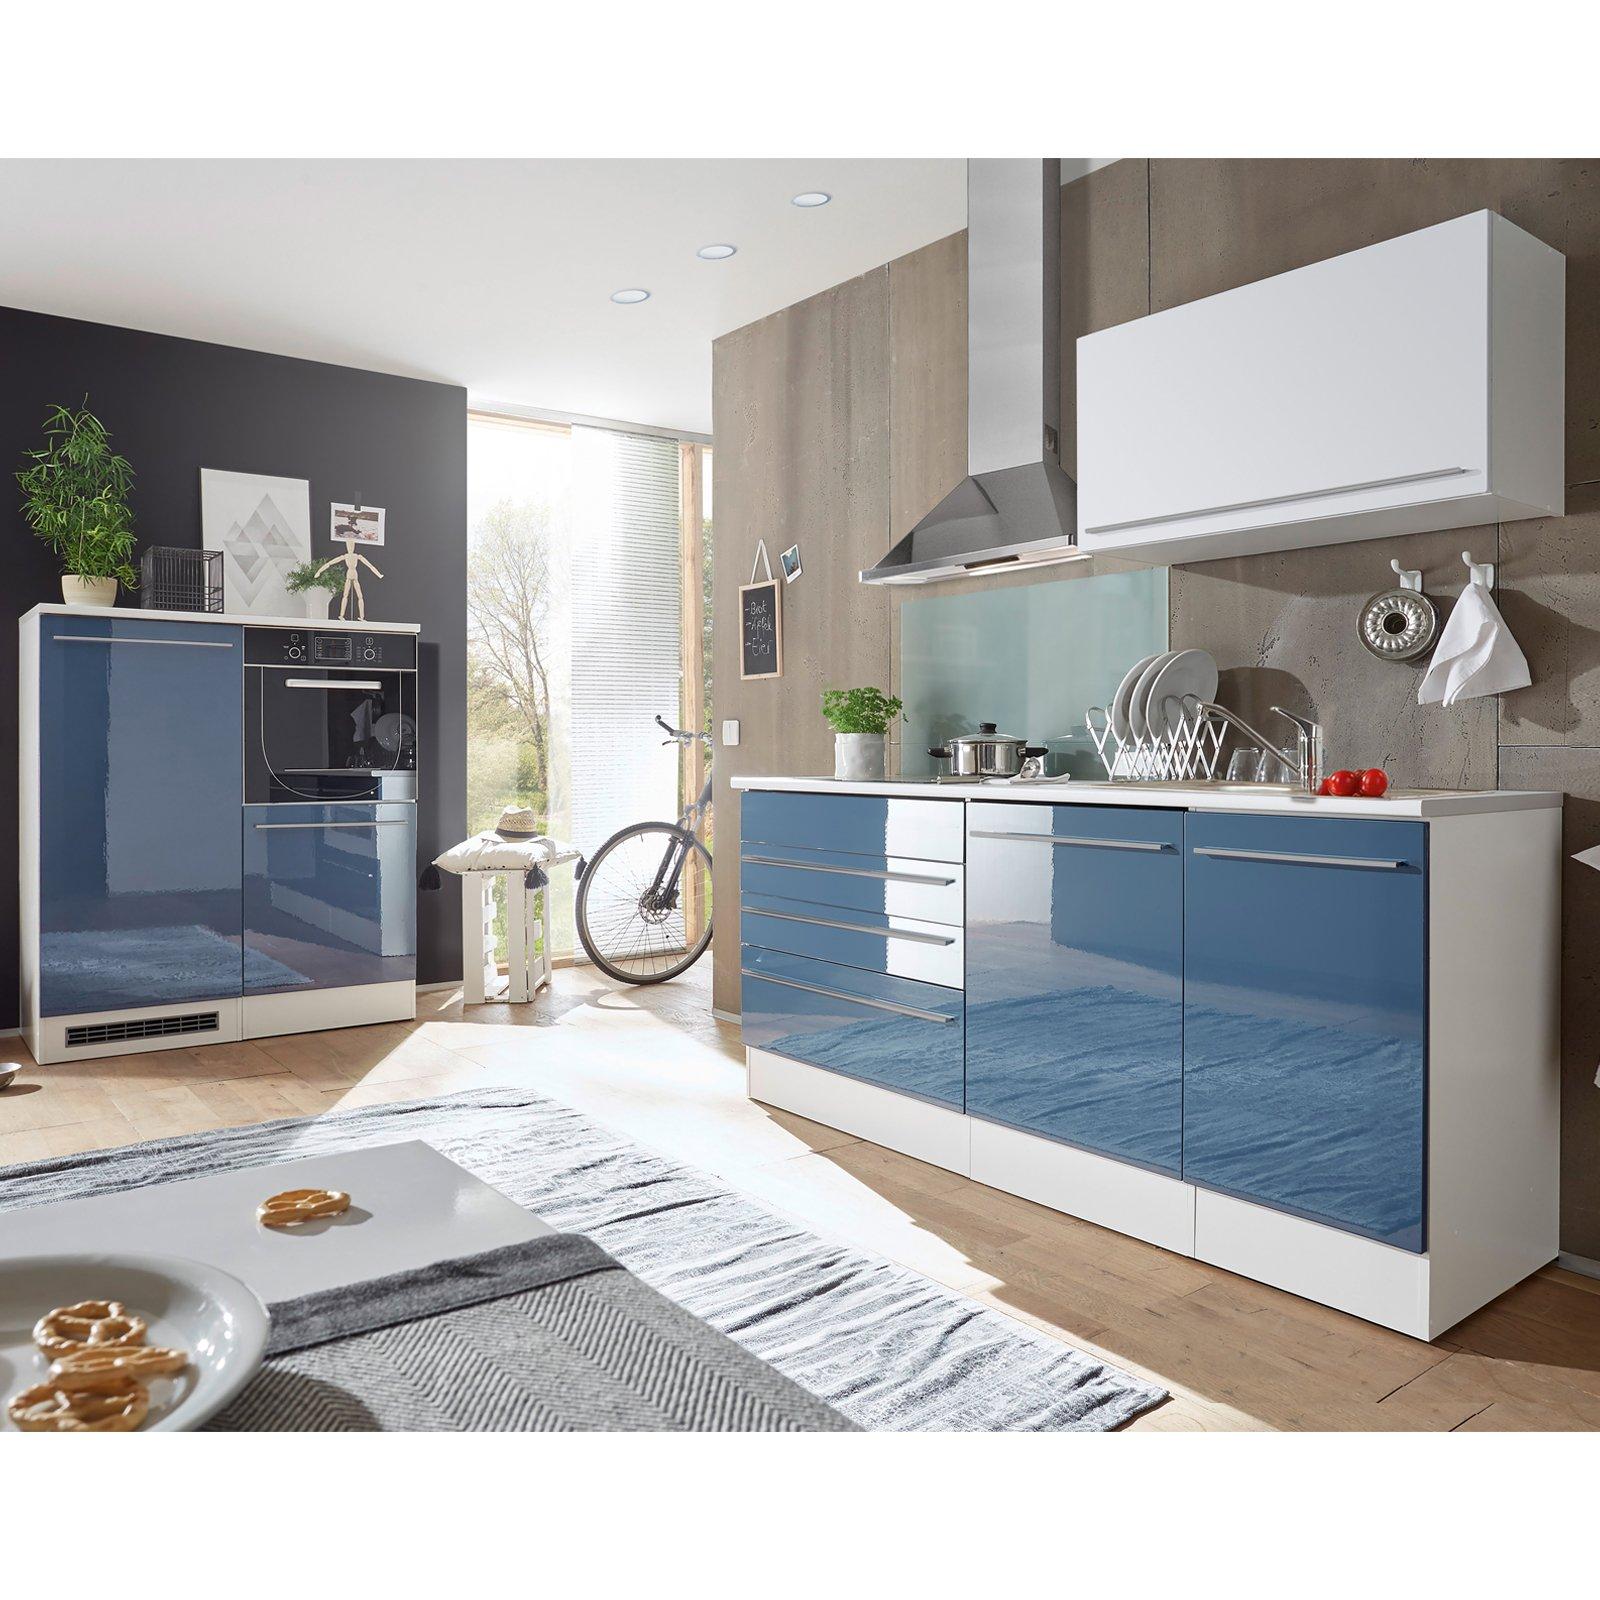 Full Size of Miniküche Mit Kühlschrank Stengel Roller Regale Ikea Wohnzimmer Miniküche Roller